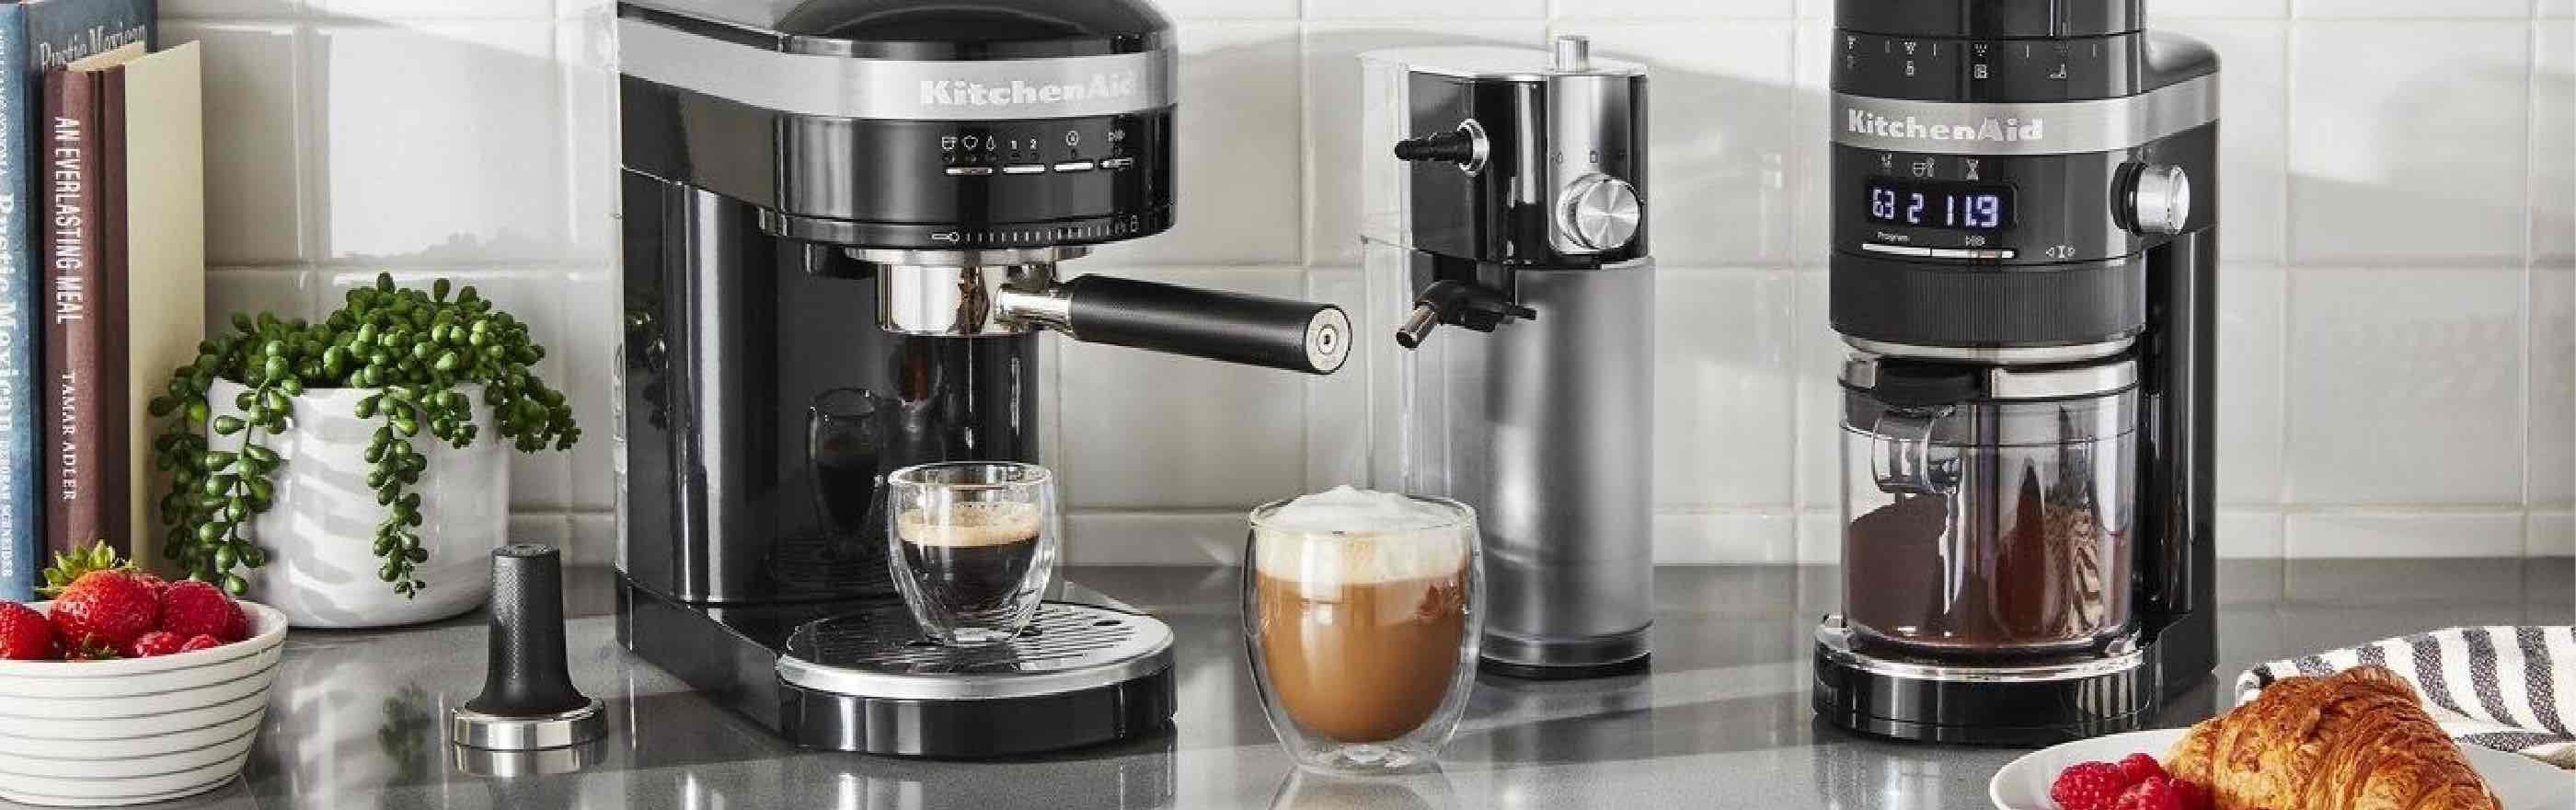 Collection d'appareils à café KitchenAid